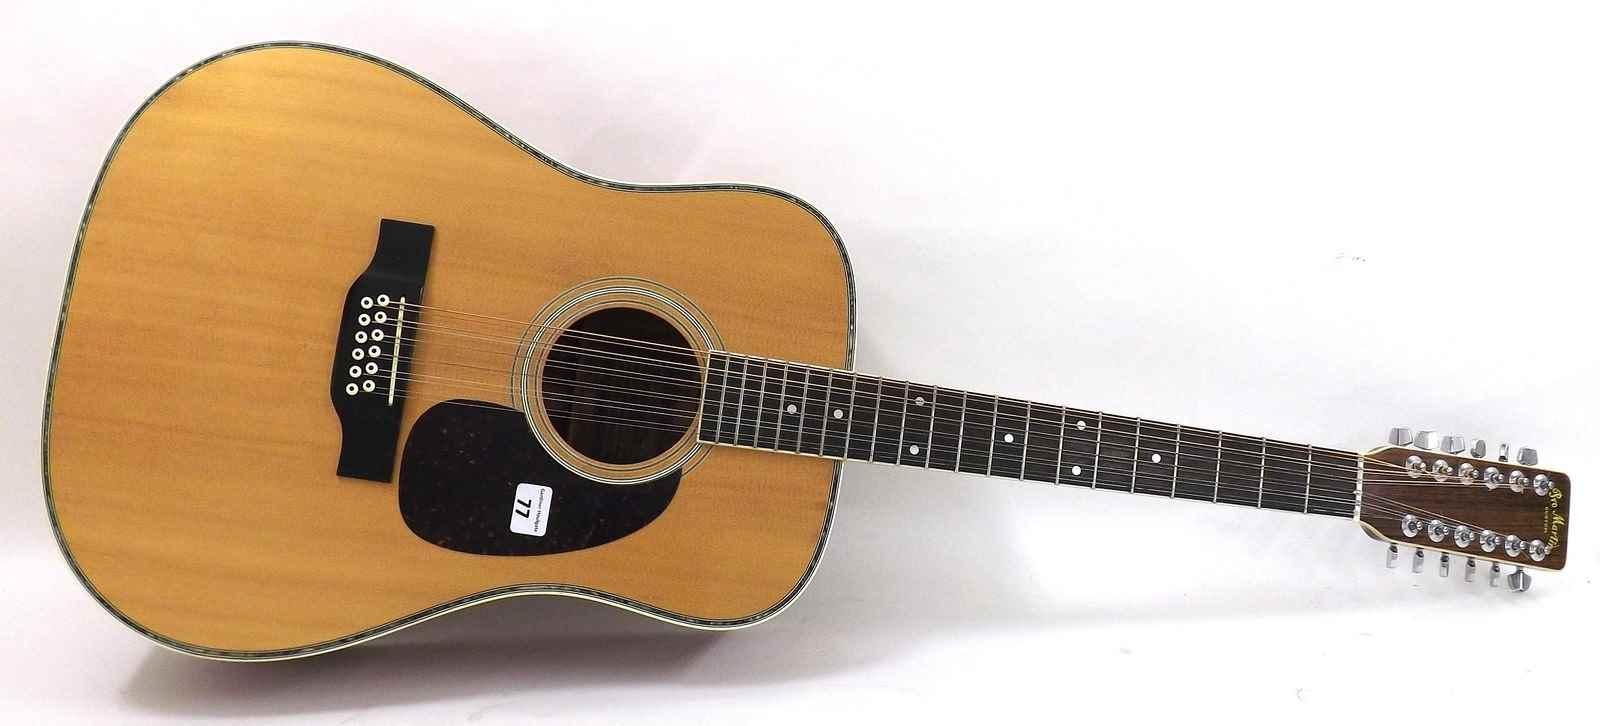 Красивая акустическая гитара фото, подборка 08